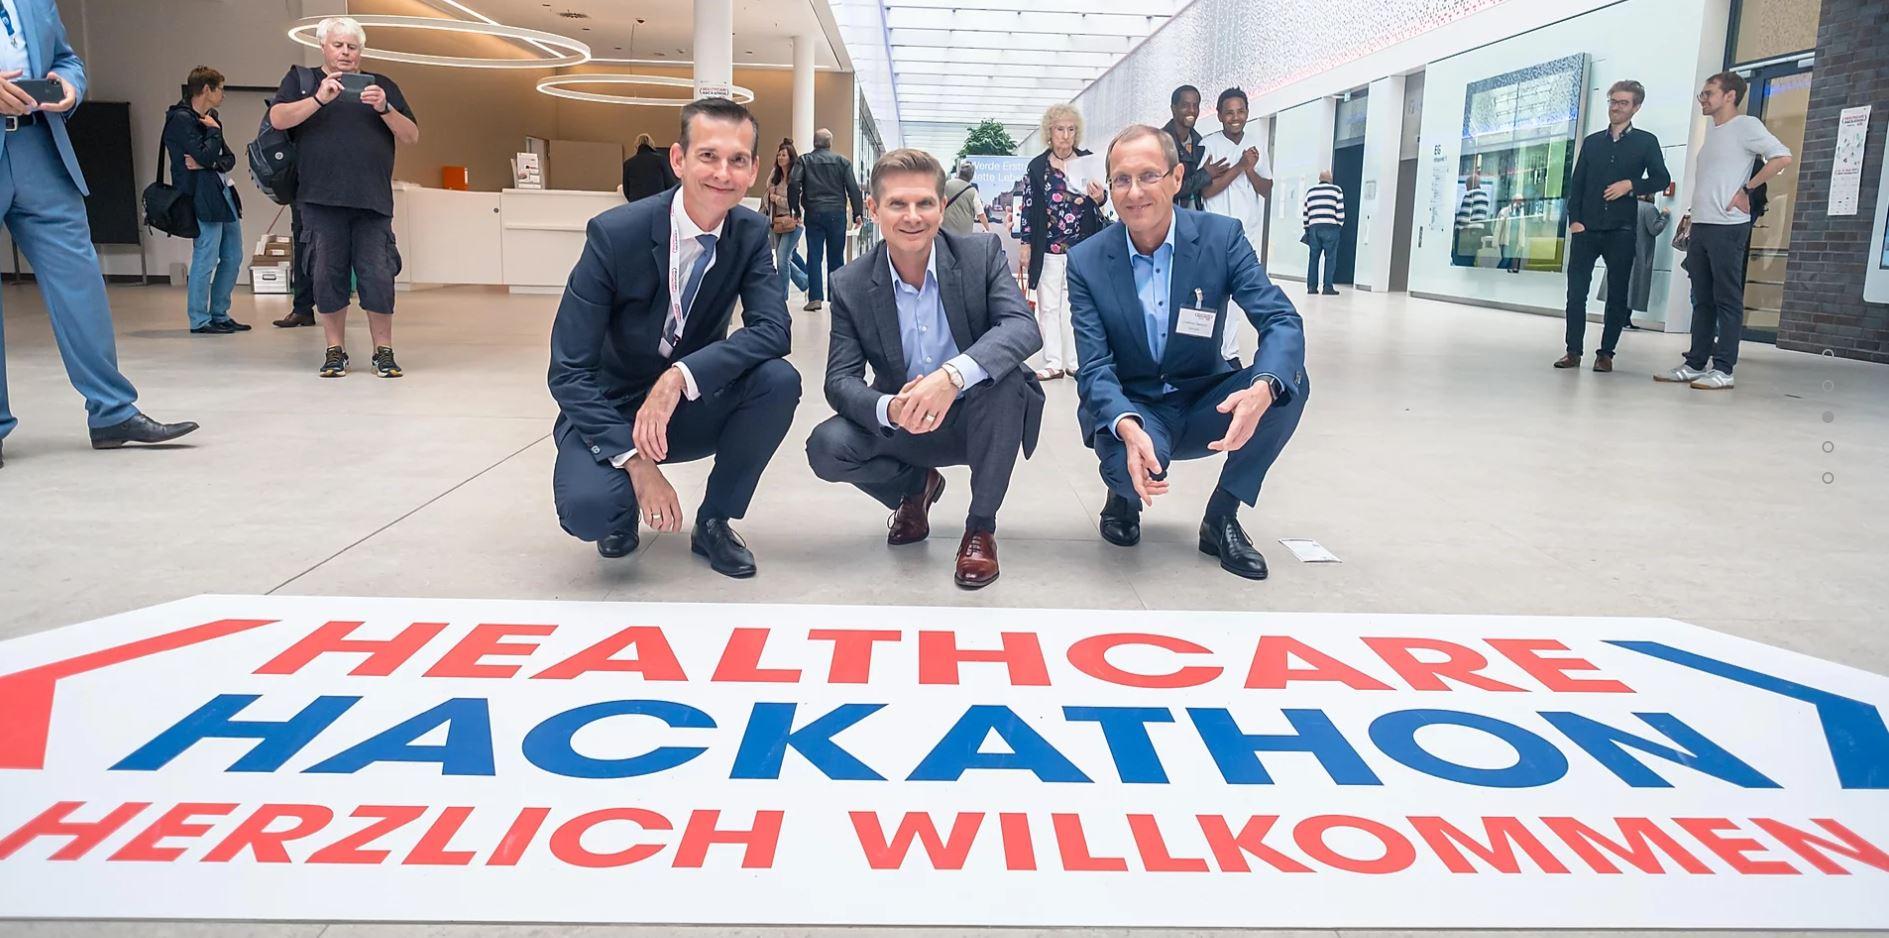 Drei Herren hocken vor dem Logo des Healthcare Hackathons auf dem Boden.